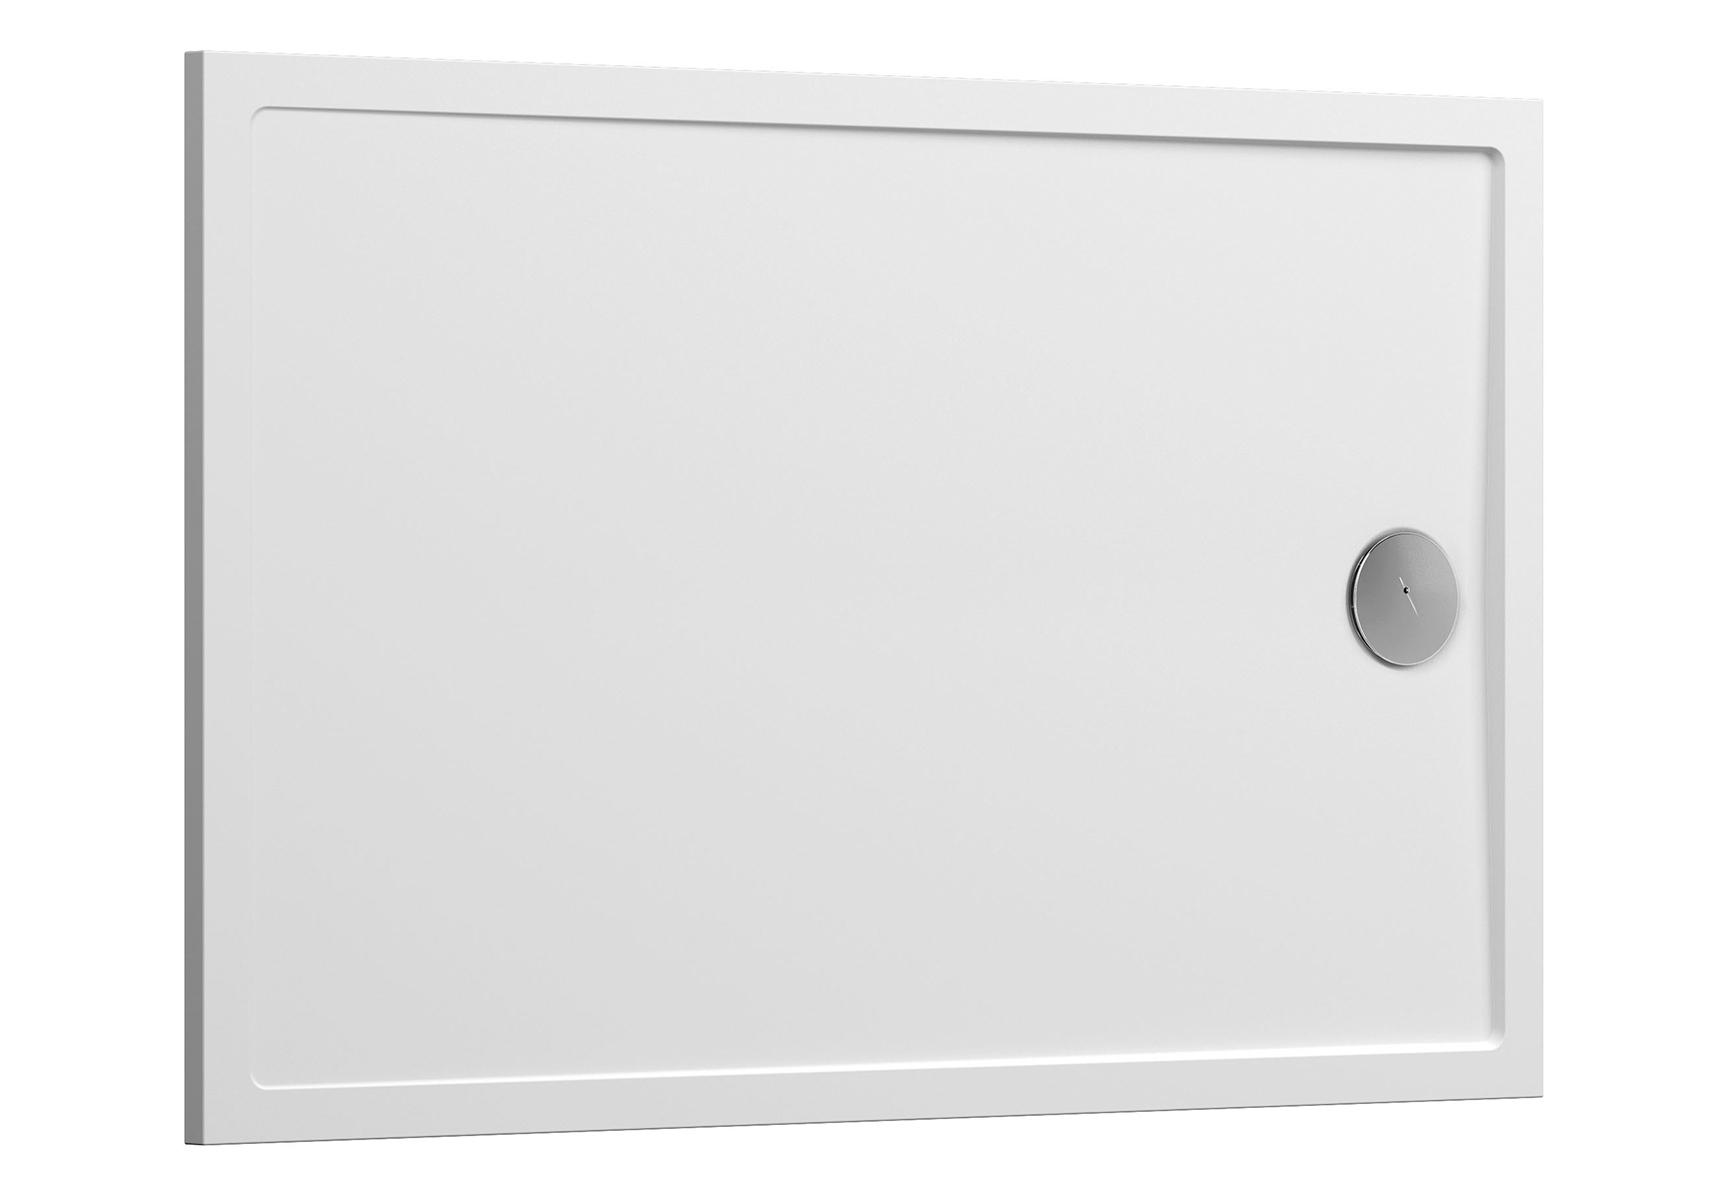 Aruna receveur ultra plat, 120  x  80 cm, à poser ou à encastrer, en pierre m³ solide